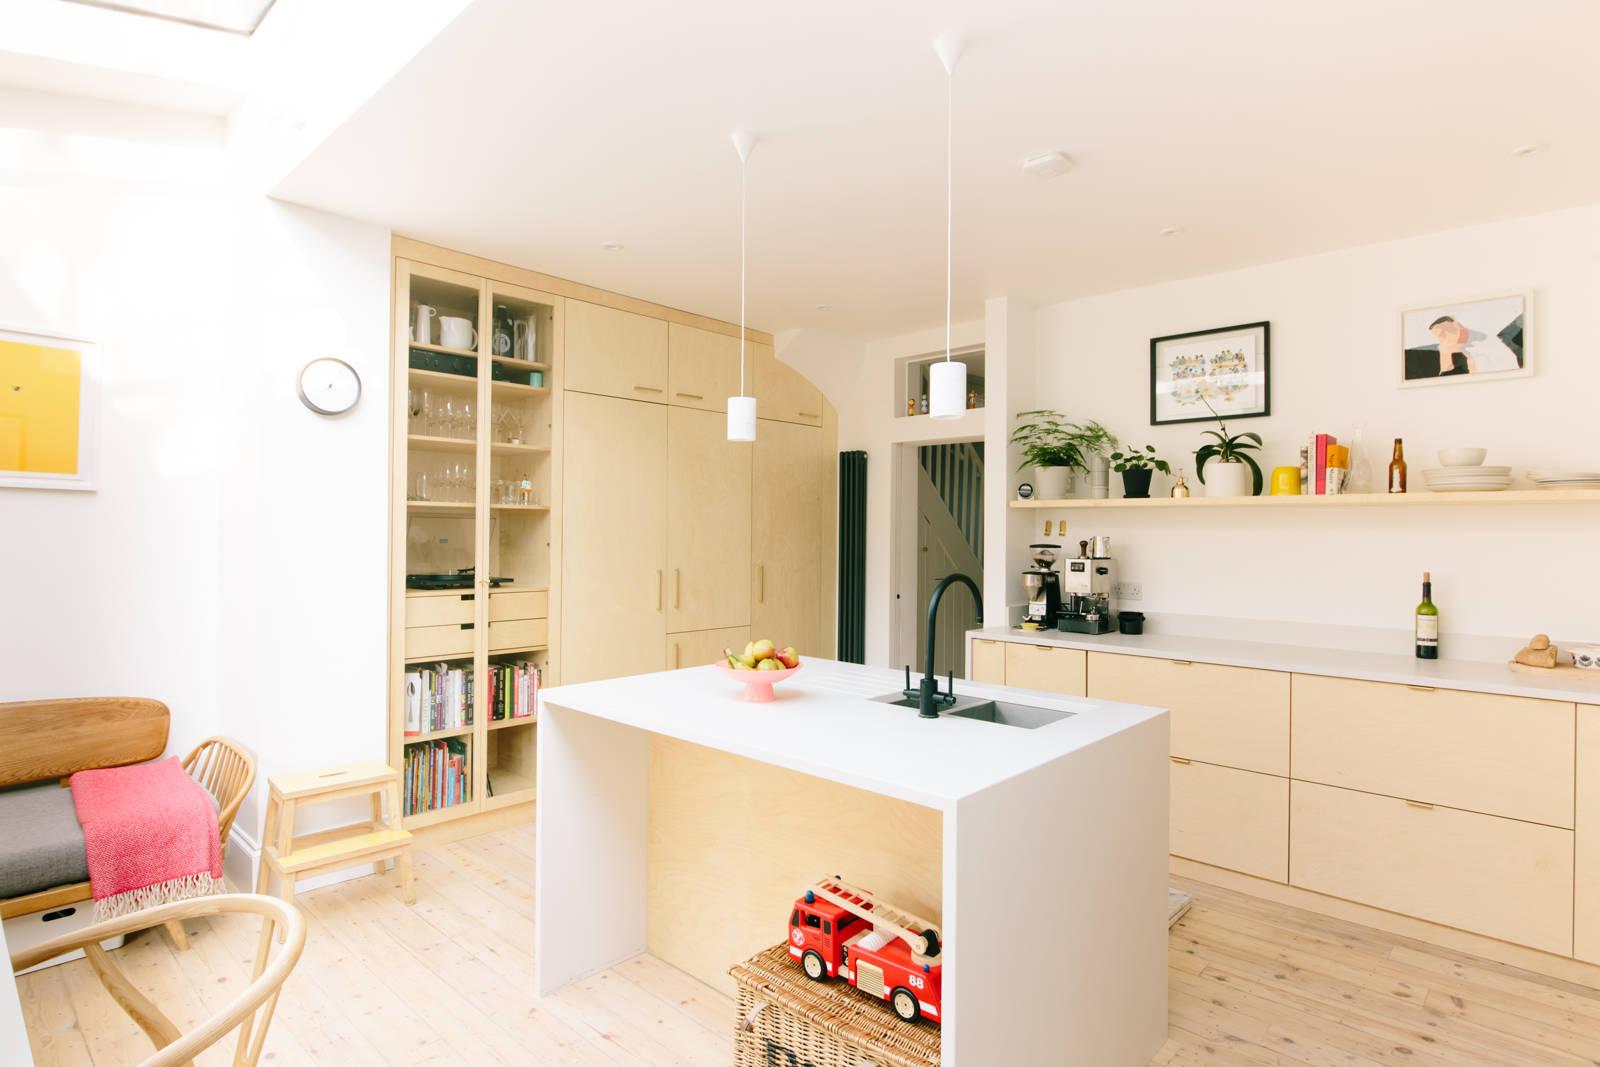 Creatief Formido Keukens : Ikea metod keuken met multiplex deuren interieur inrichting